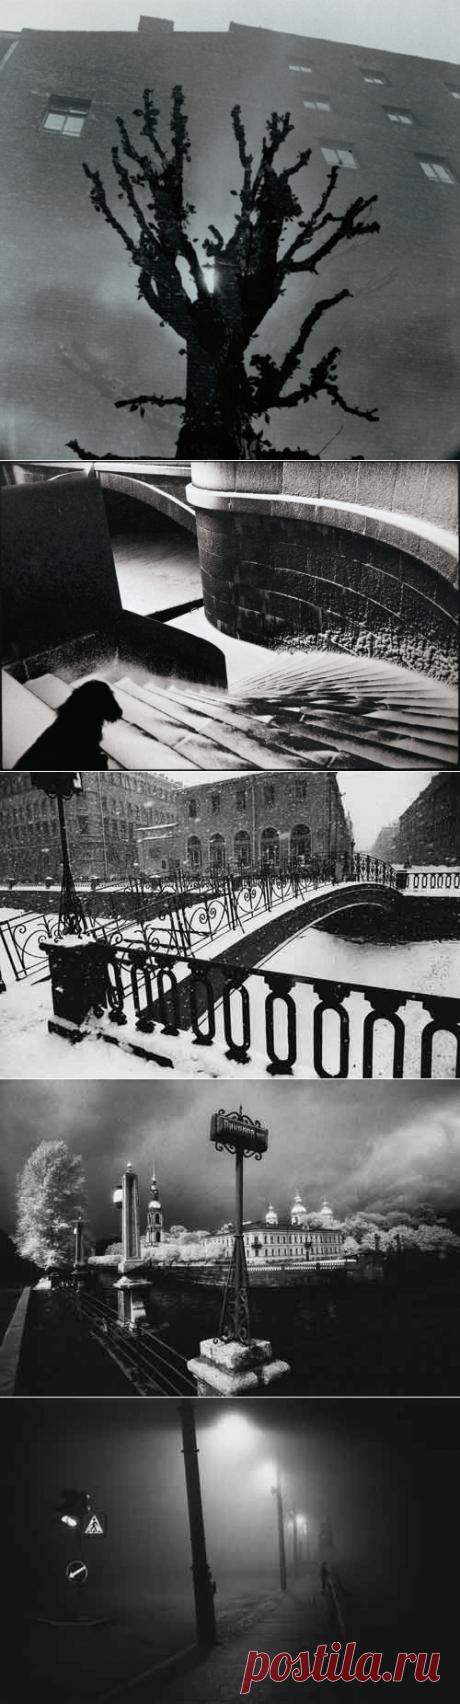 Петербург в фотографиях Бориса Смелова. Потрясающие фотографии